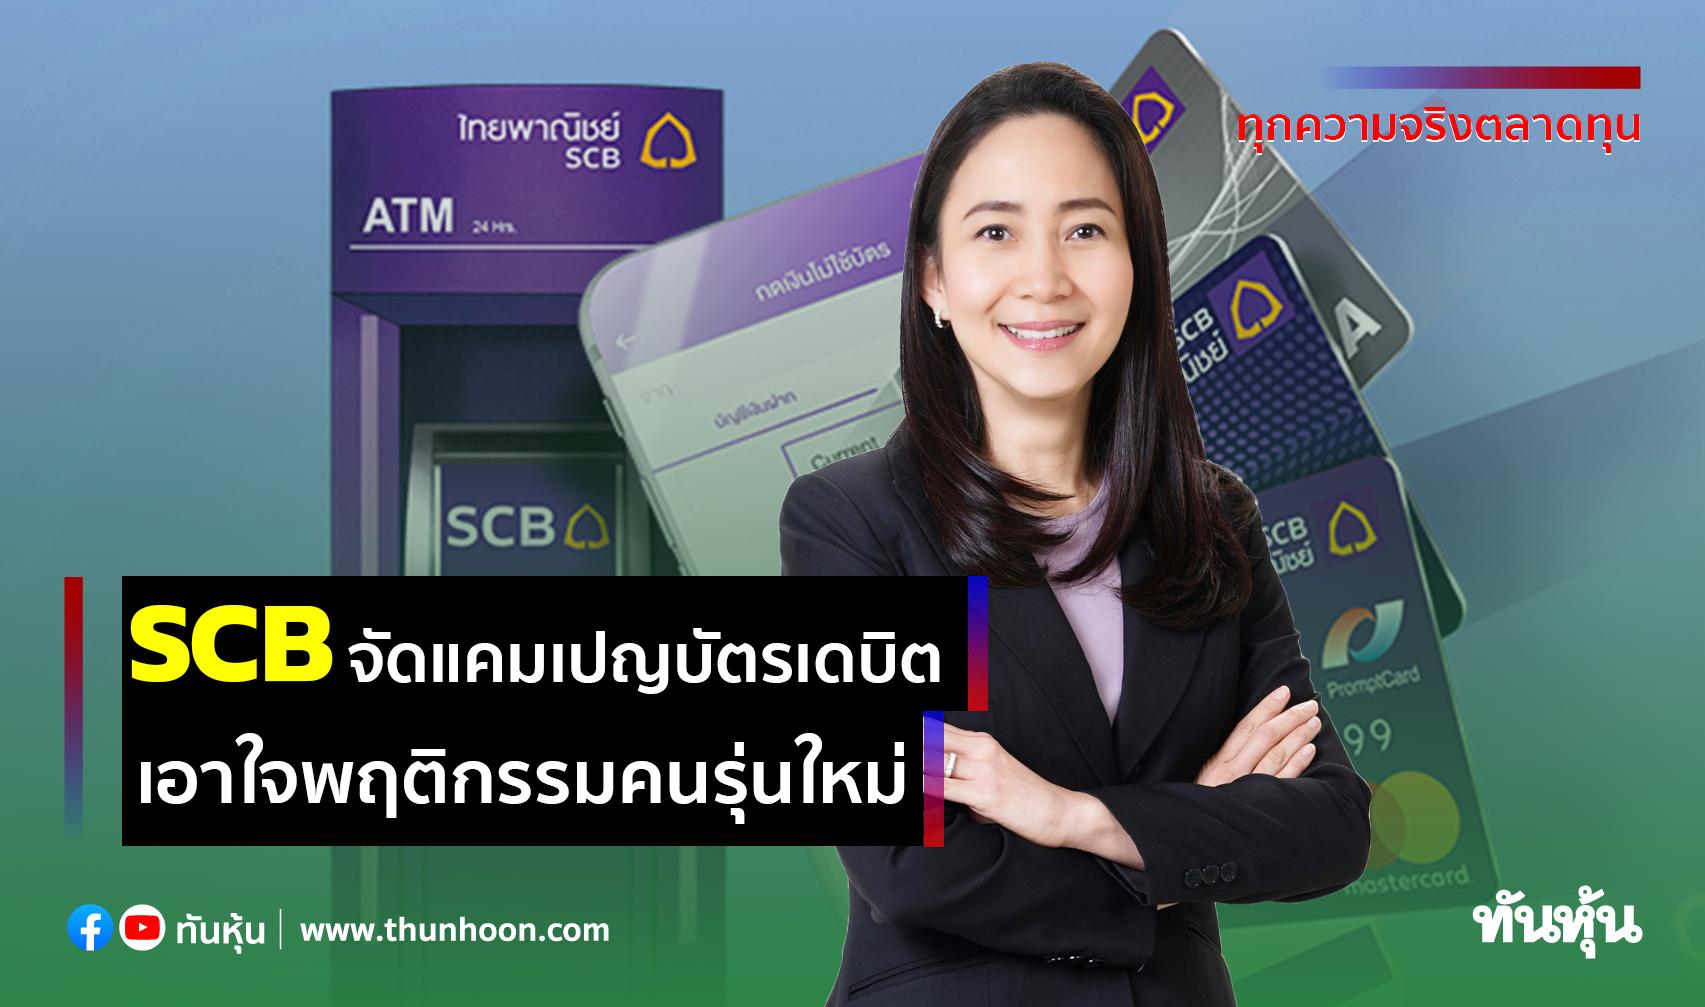 SCB จัดแคมเปญบัตรเดบิต เอาใจพฤติกรรมคนรุ่นใหม่